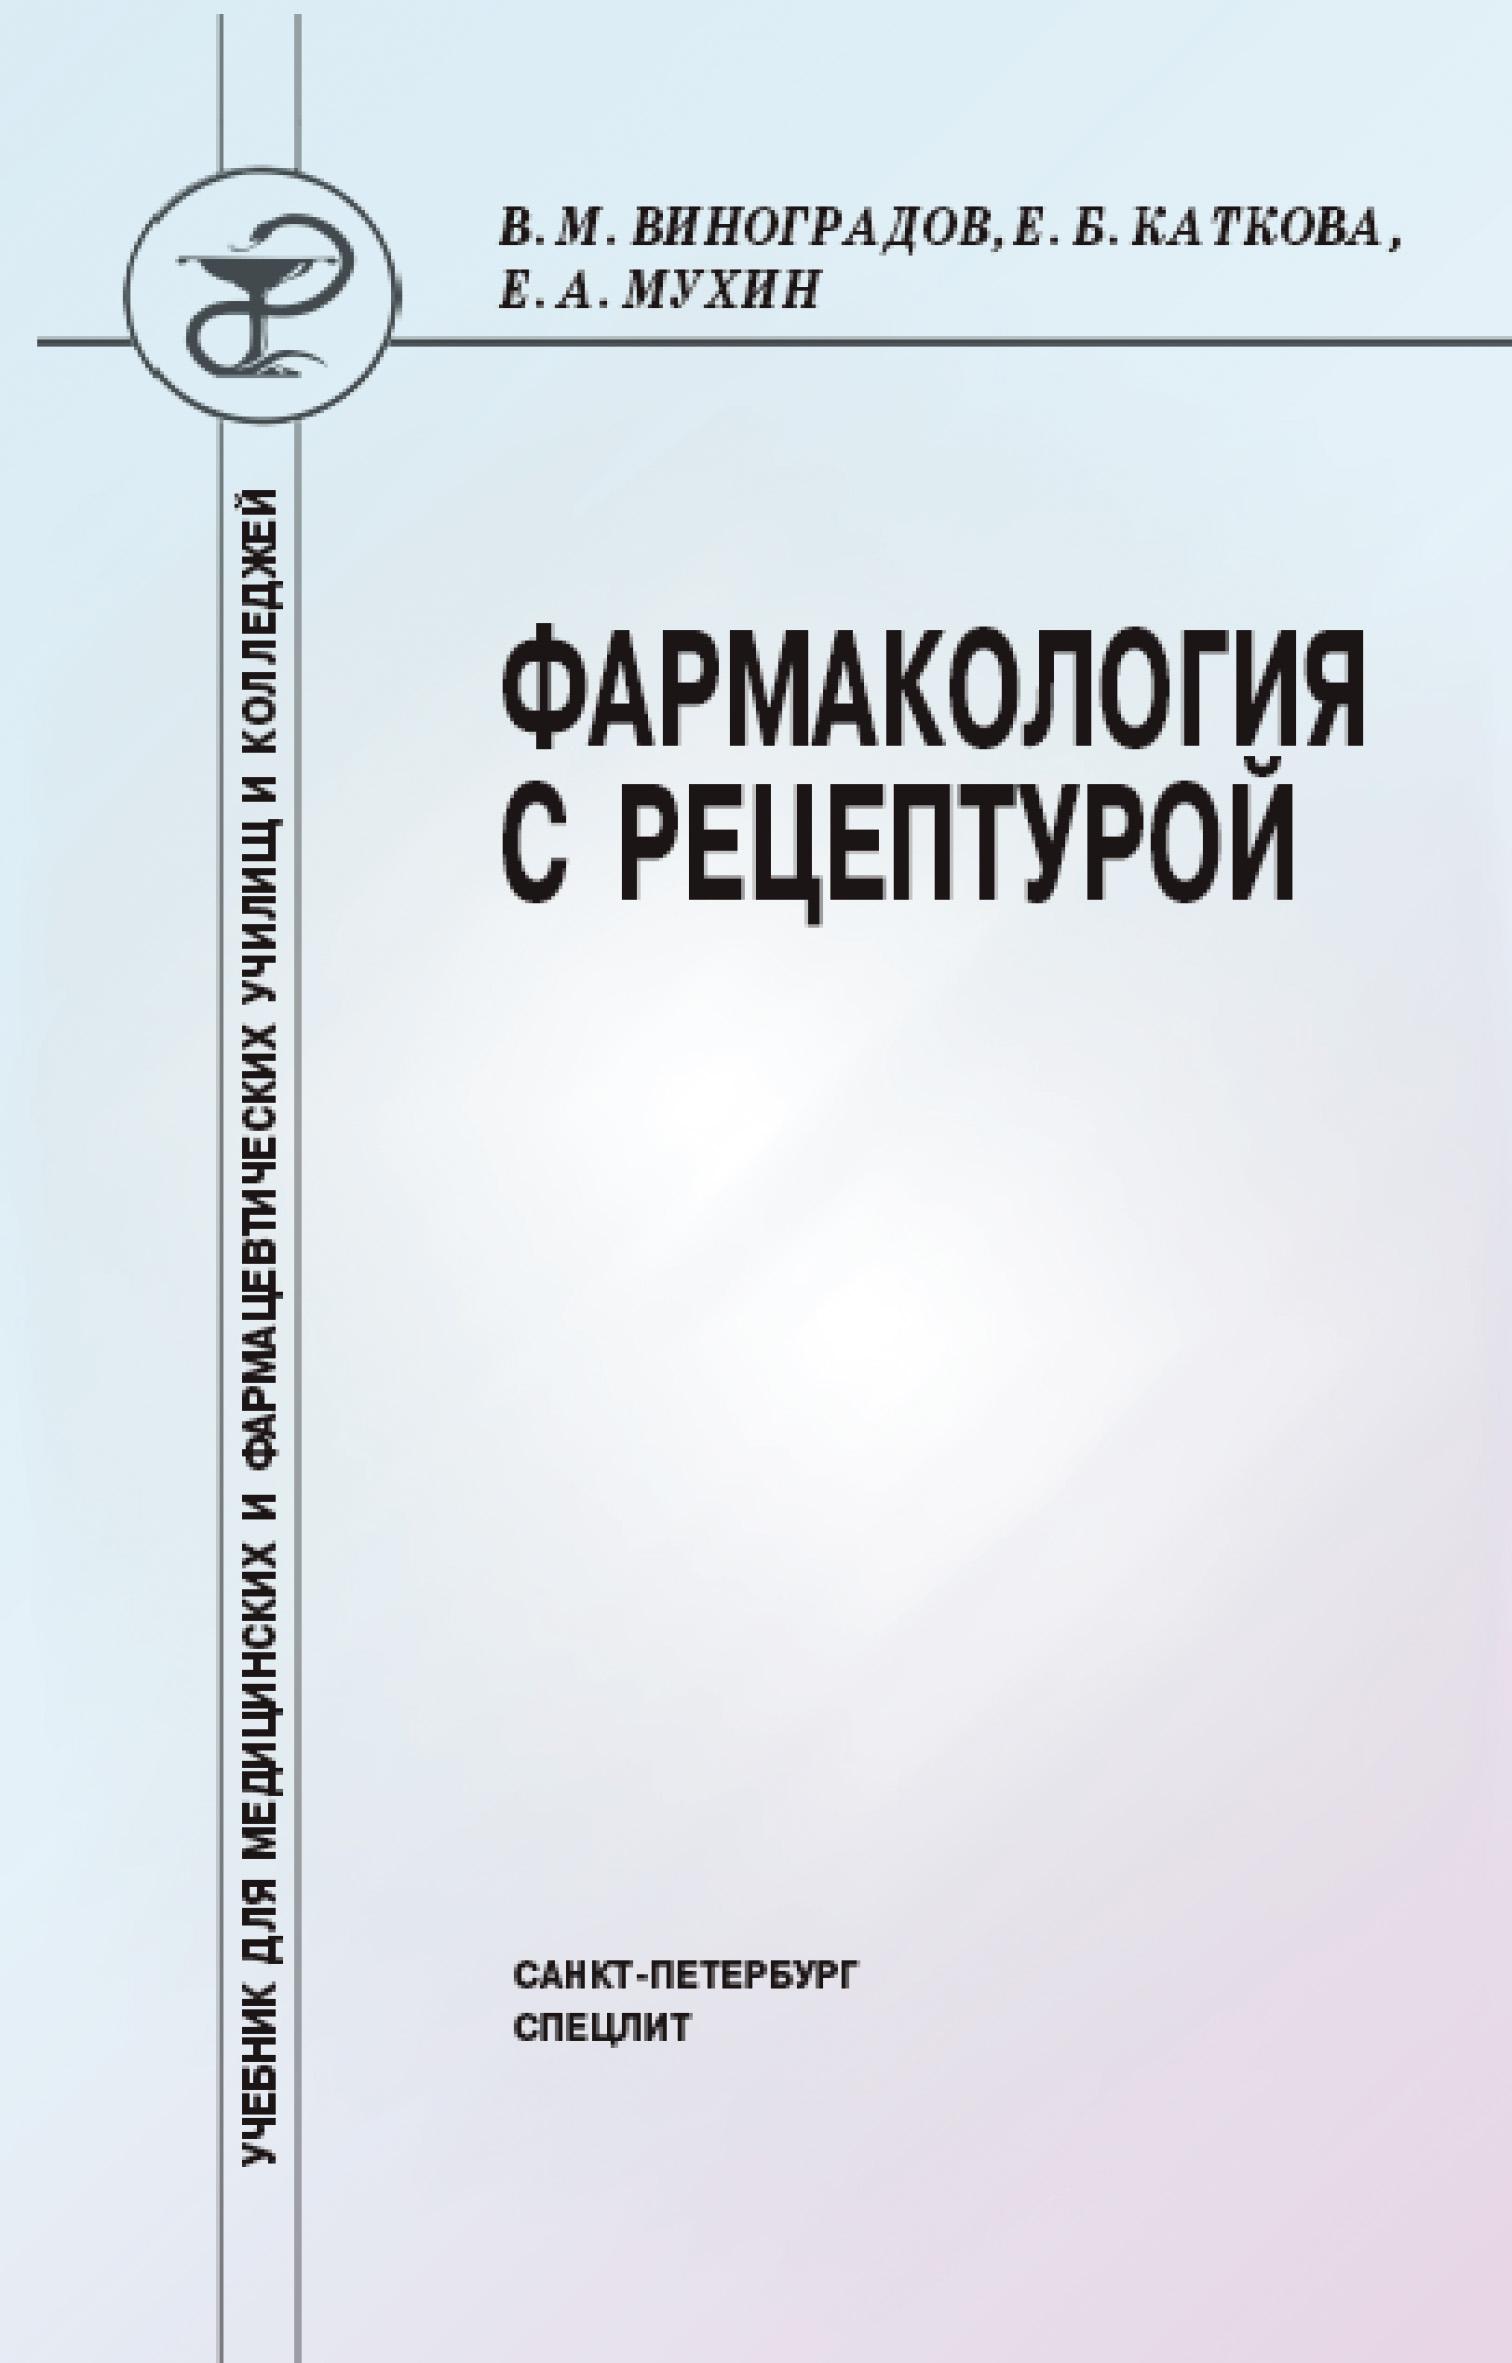 Учебник фармакологии с рецептурой майский муратов 1986 infofreg.